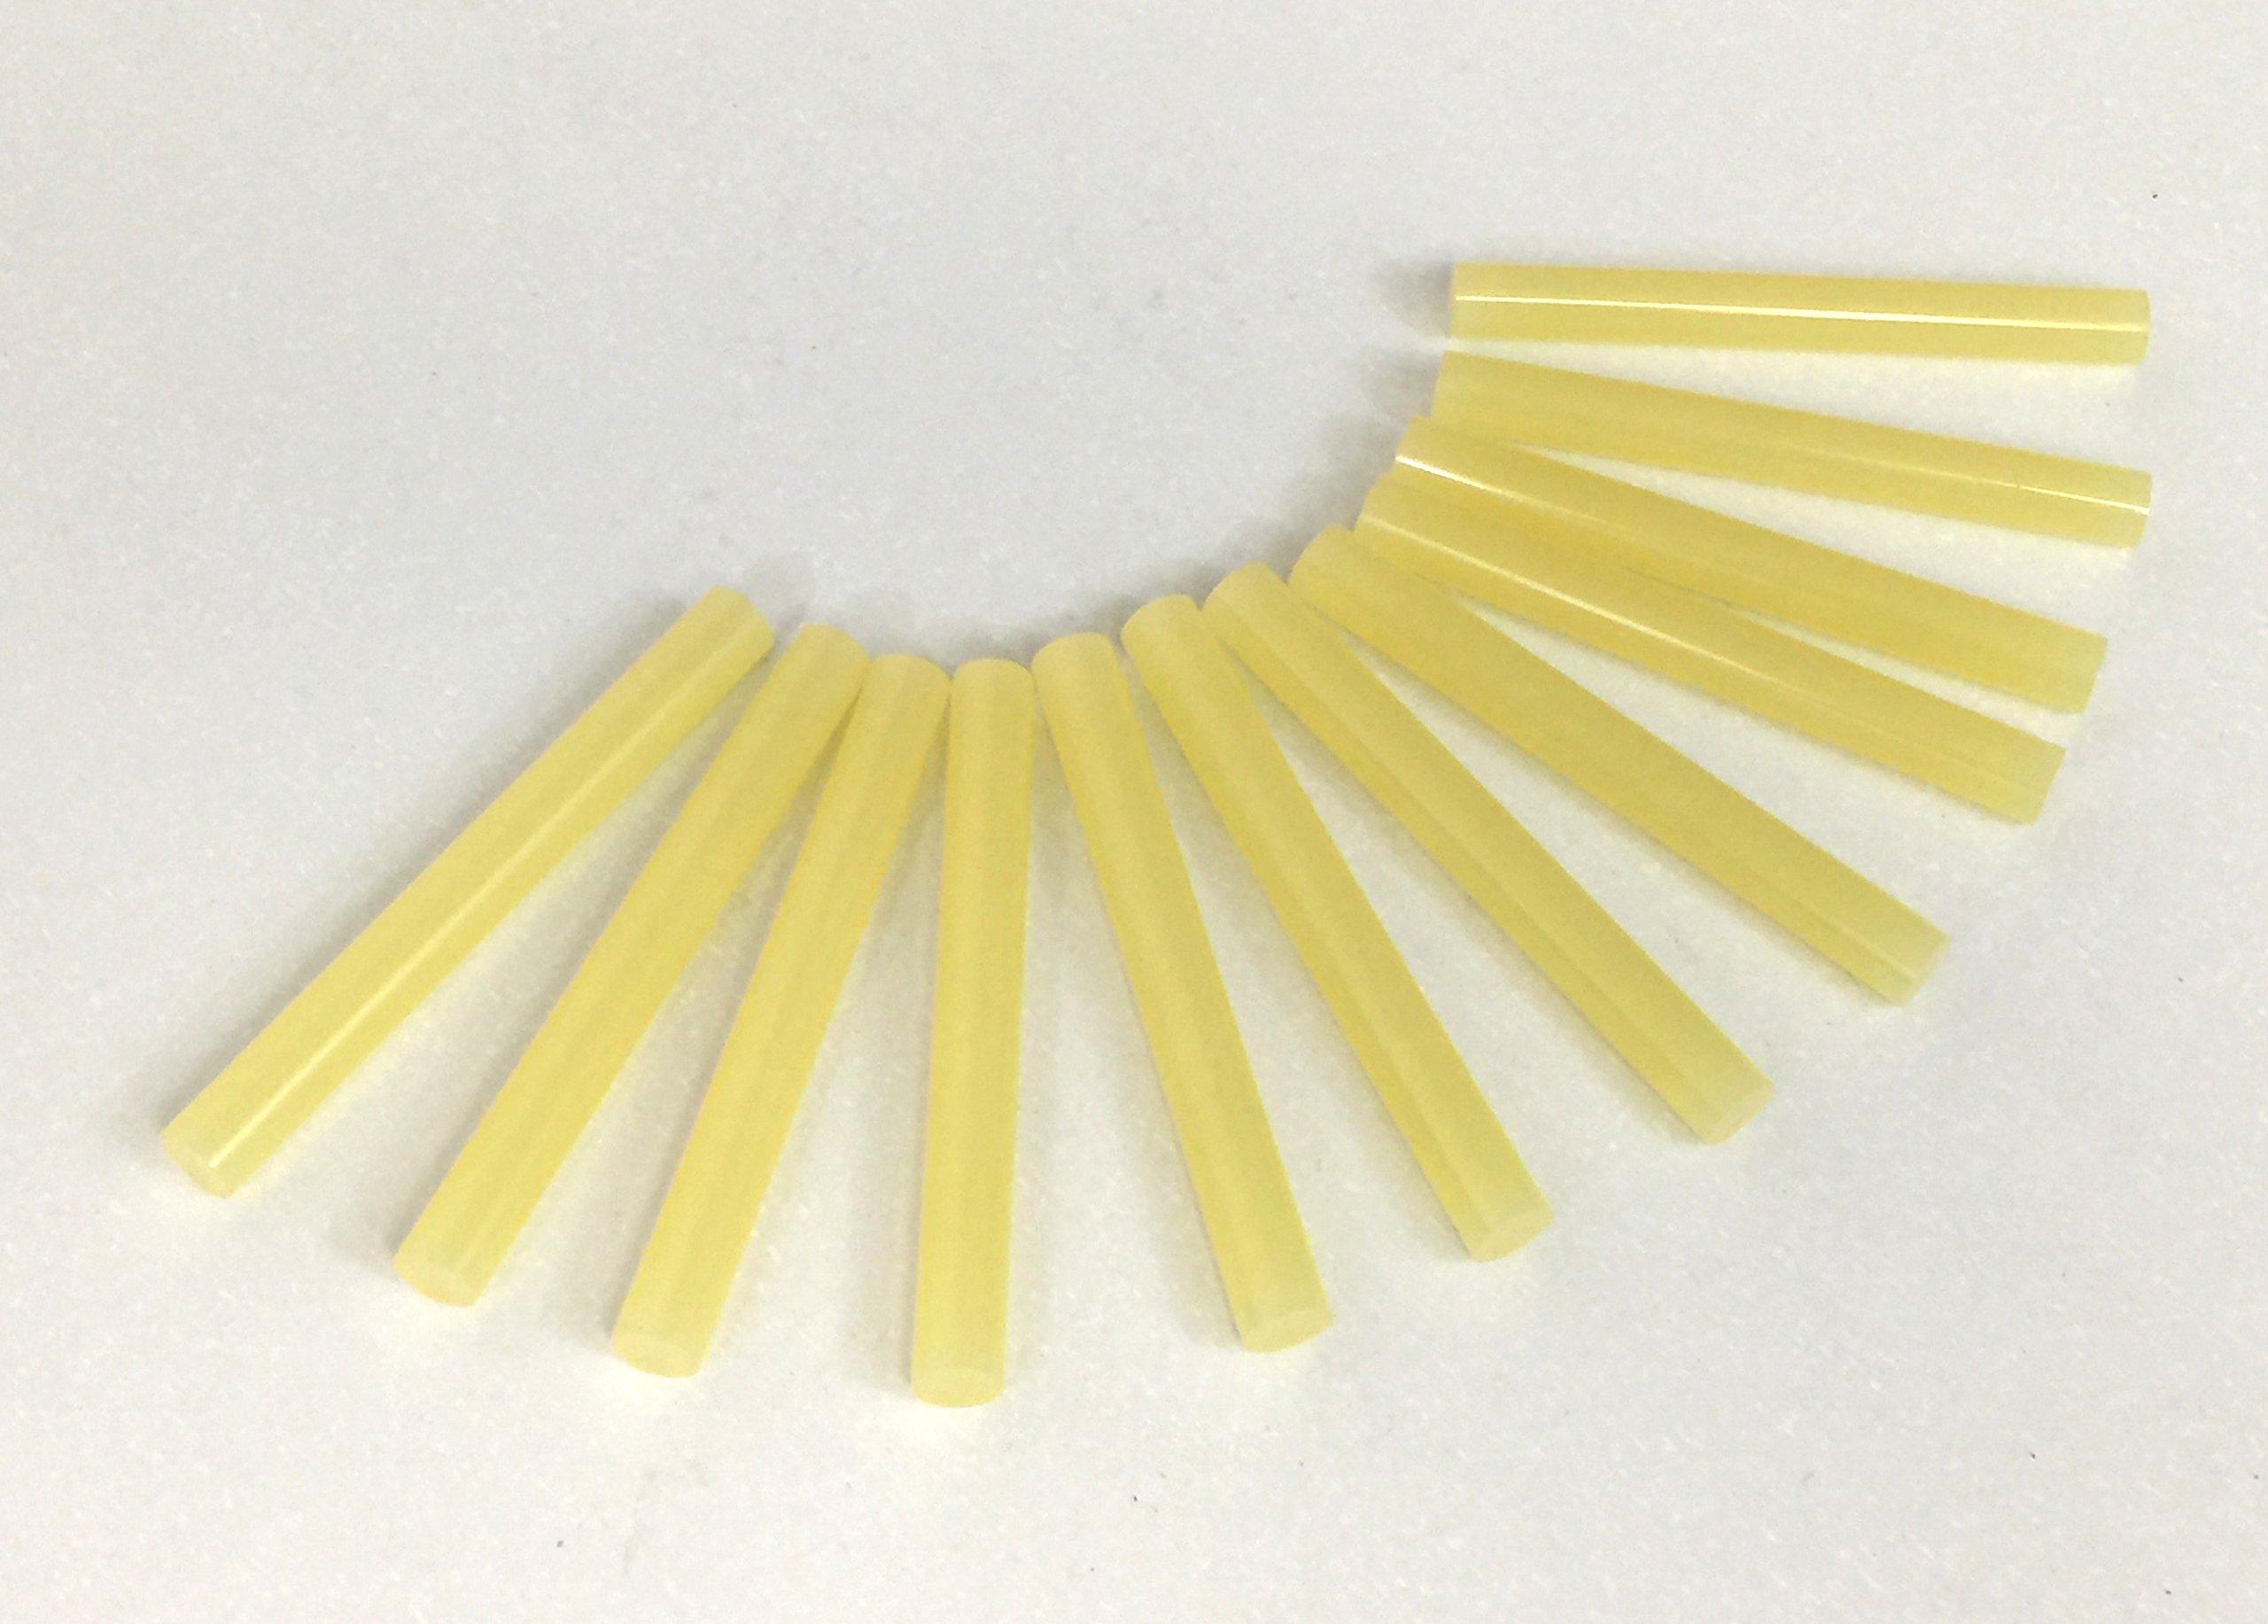 TruePower All-Temperature Hot Melt Glue Sticks, 4'' Long x 0.44'' Diameter